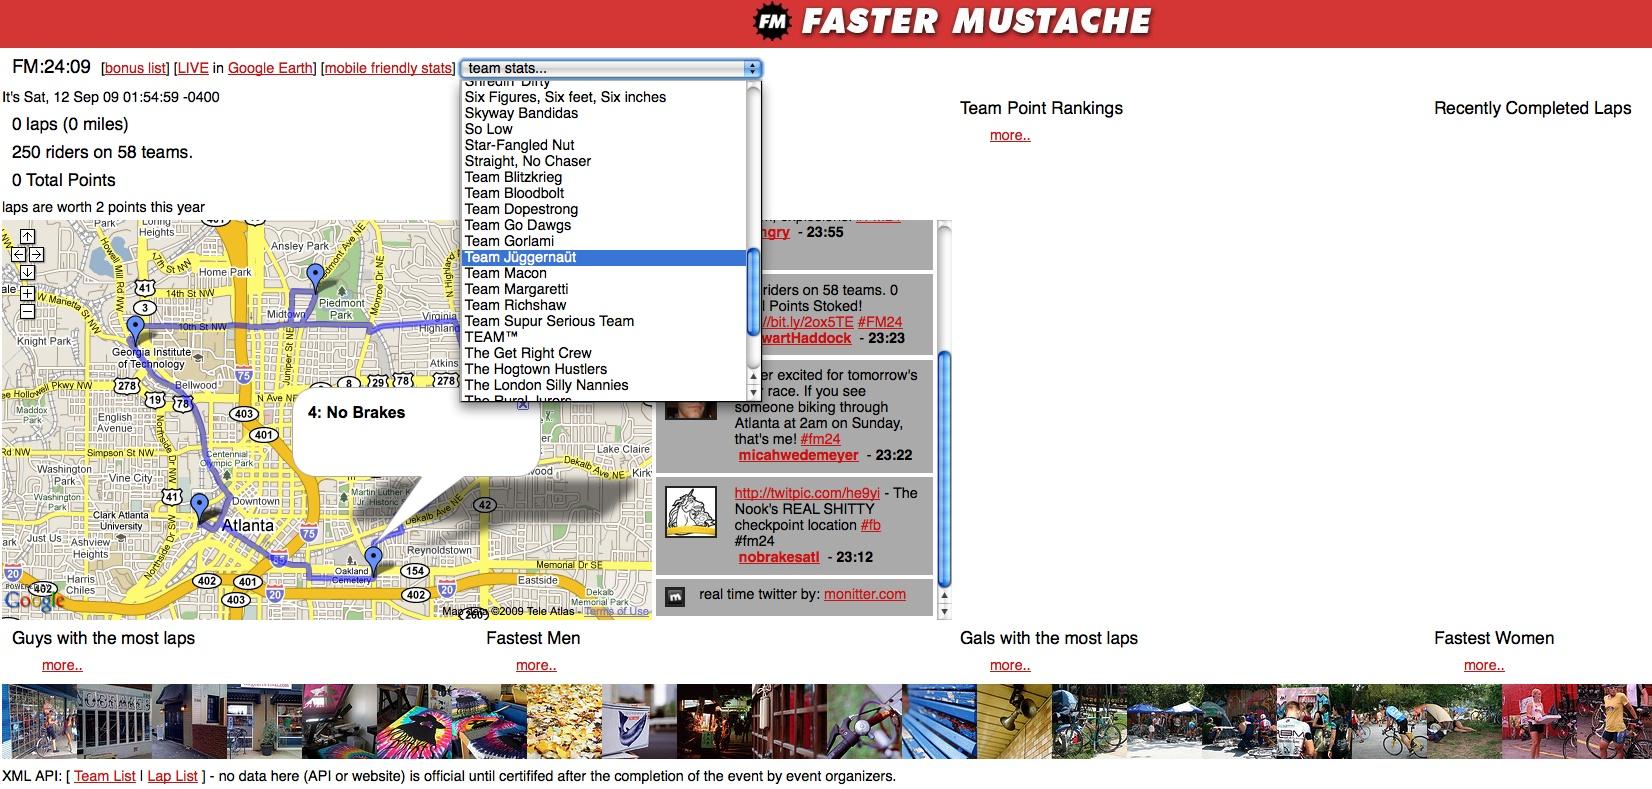 Faster Mustache Racetracker